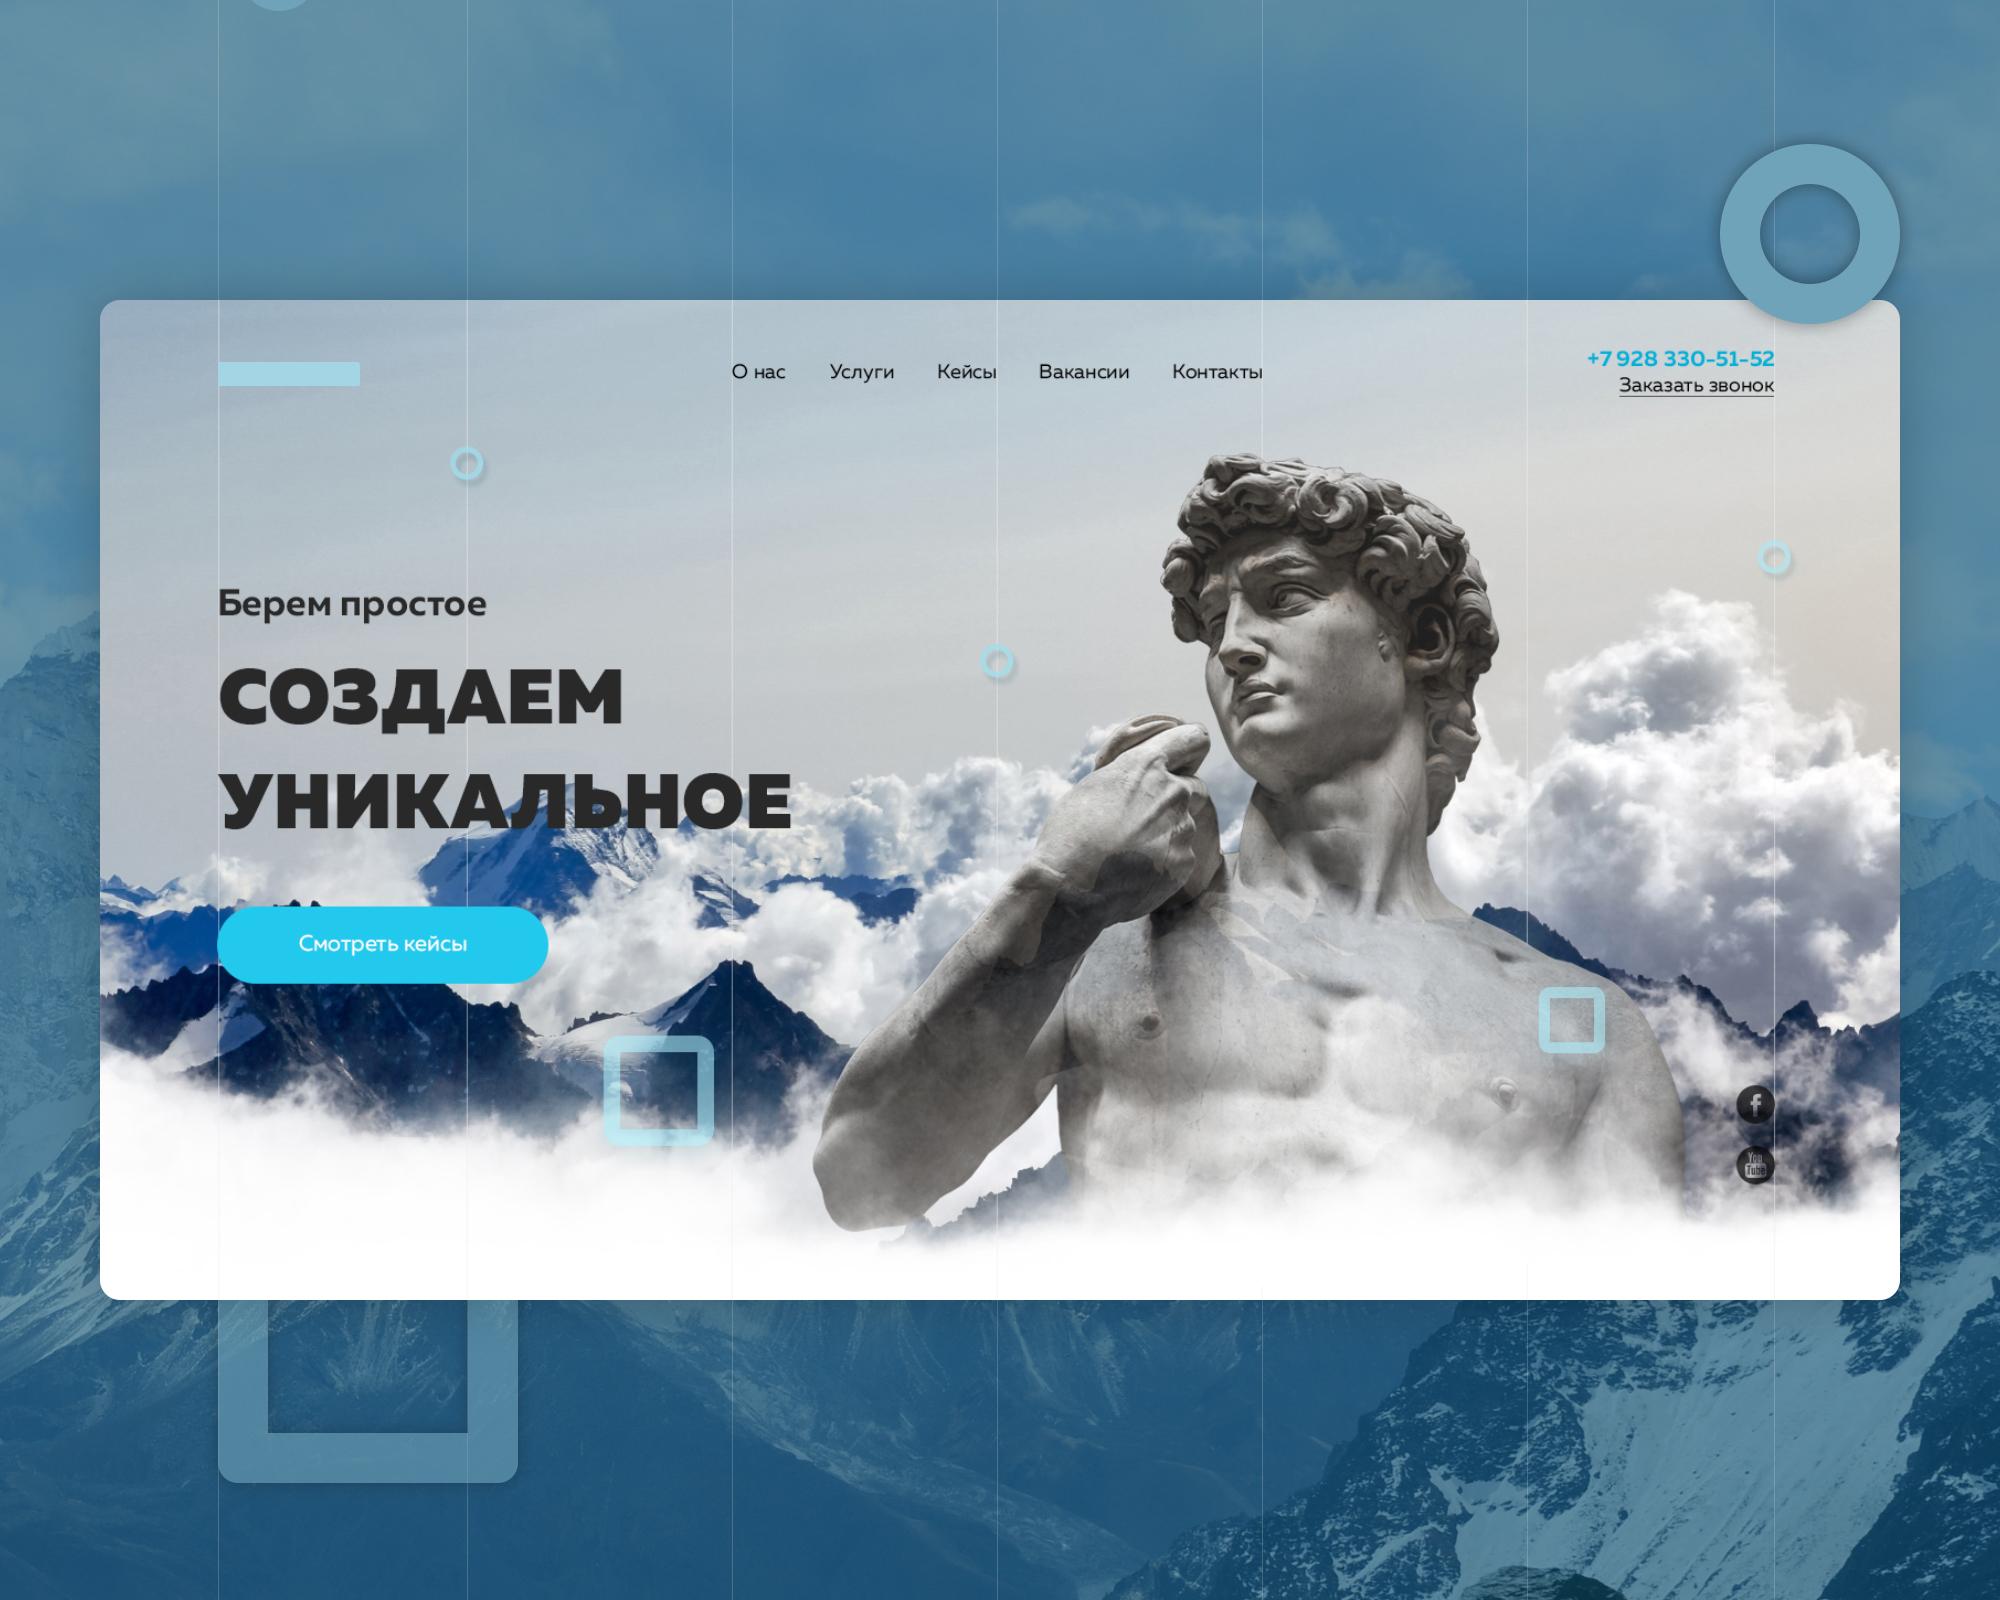 Переделать веб-сайт для sferon.ru фото f_2885b361c3d3e190.jpg